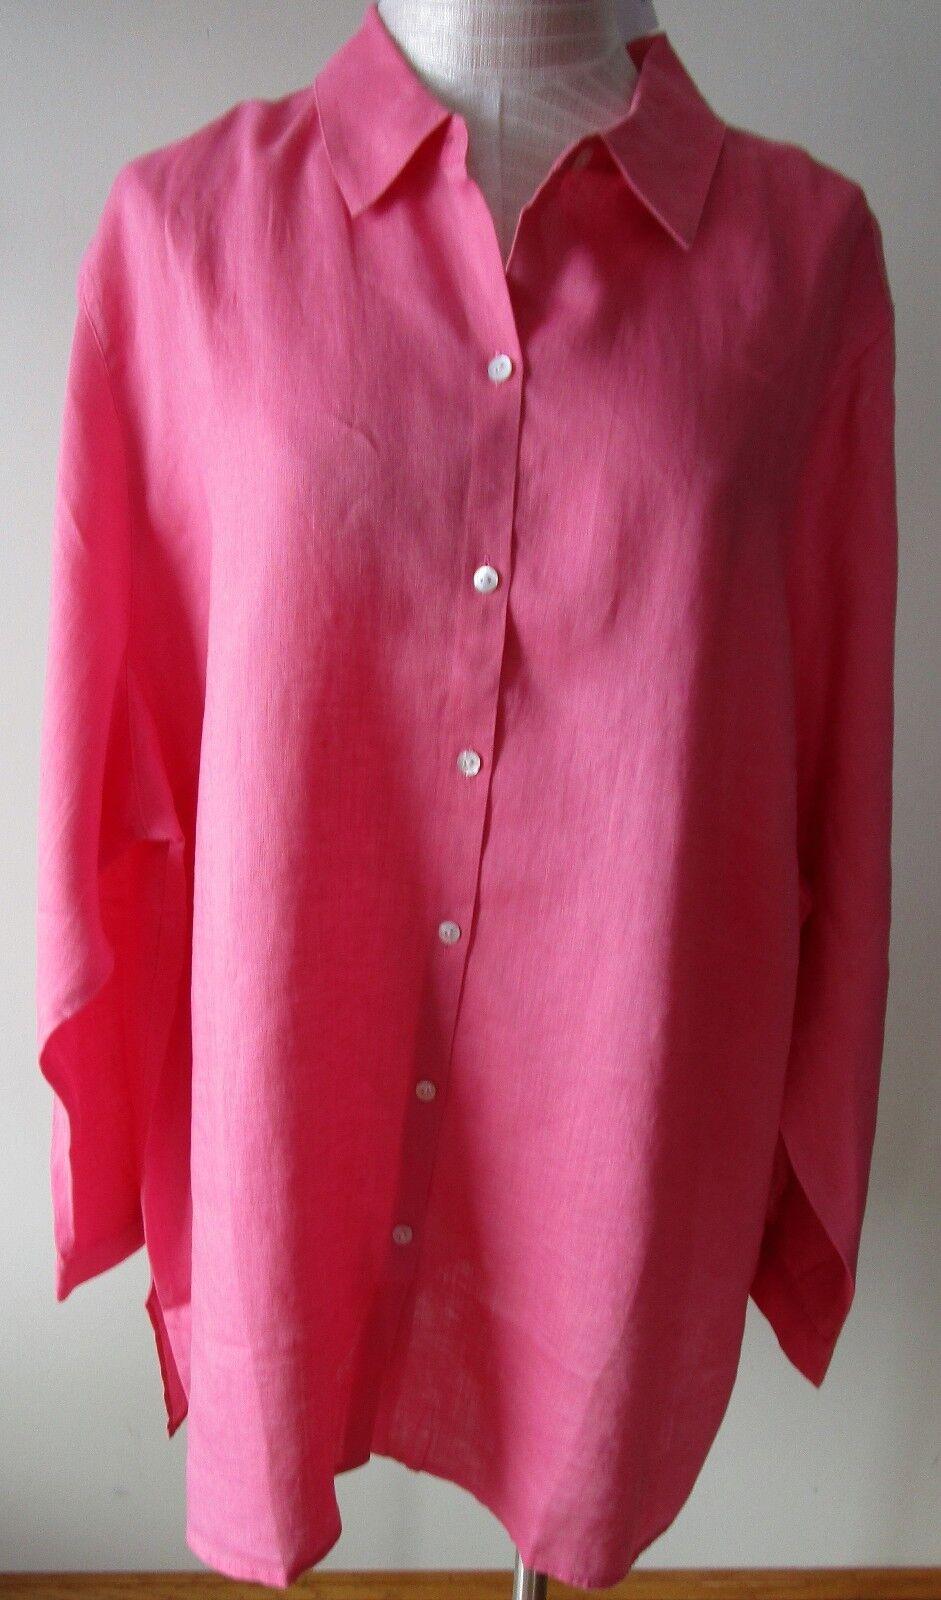 J.Jill     Linen   shirt      XL     NWT      Essential Linen  STRAWBERRY